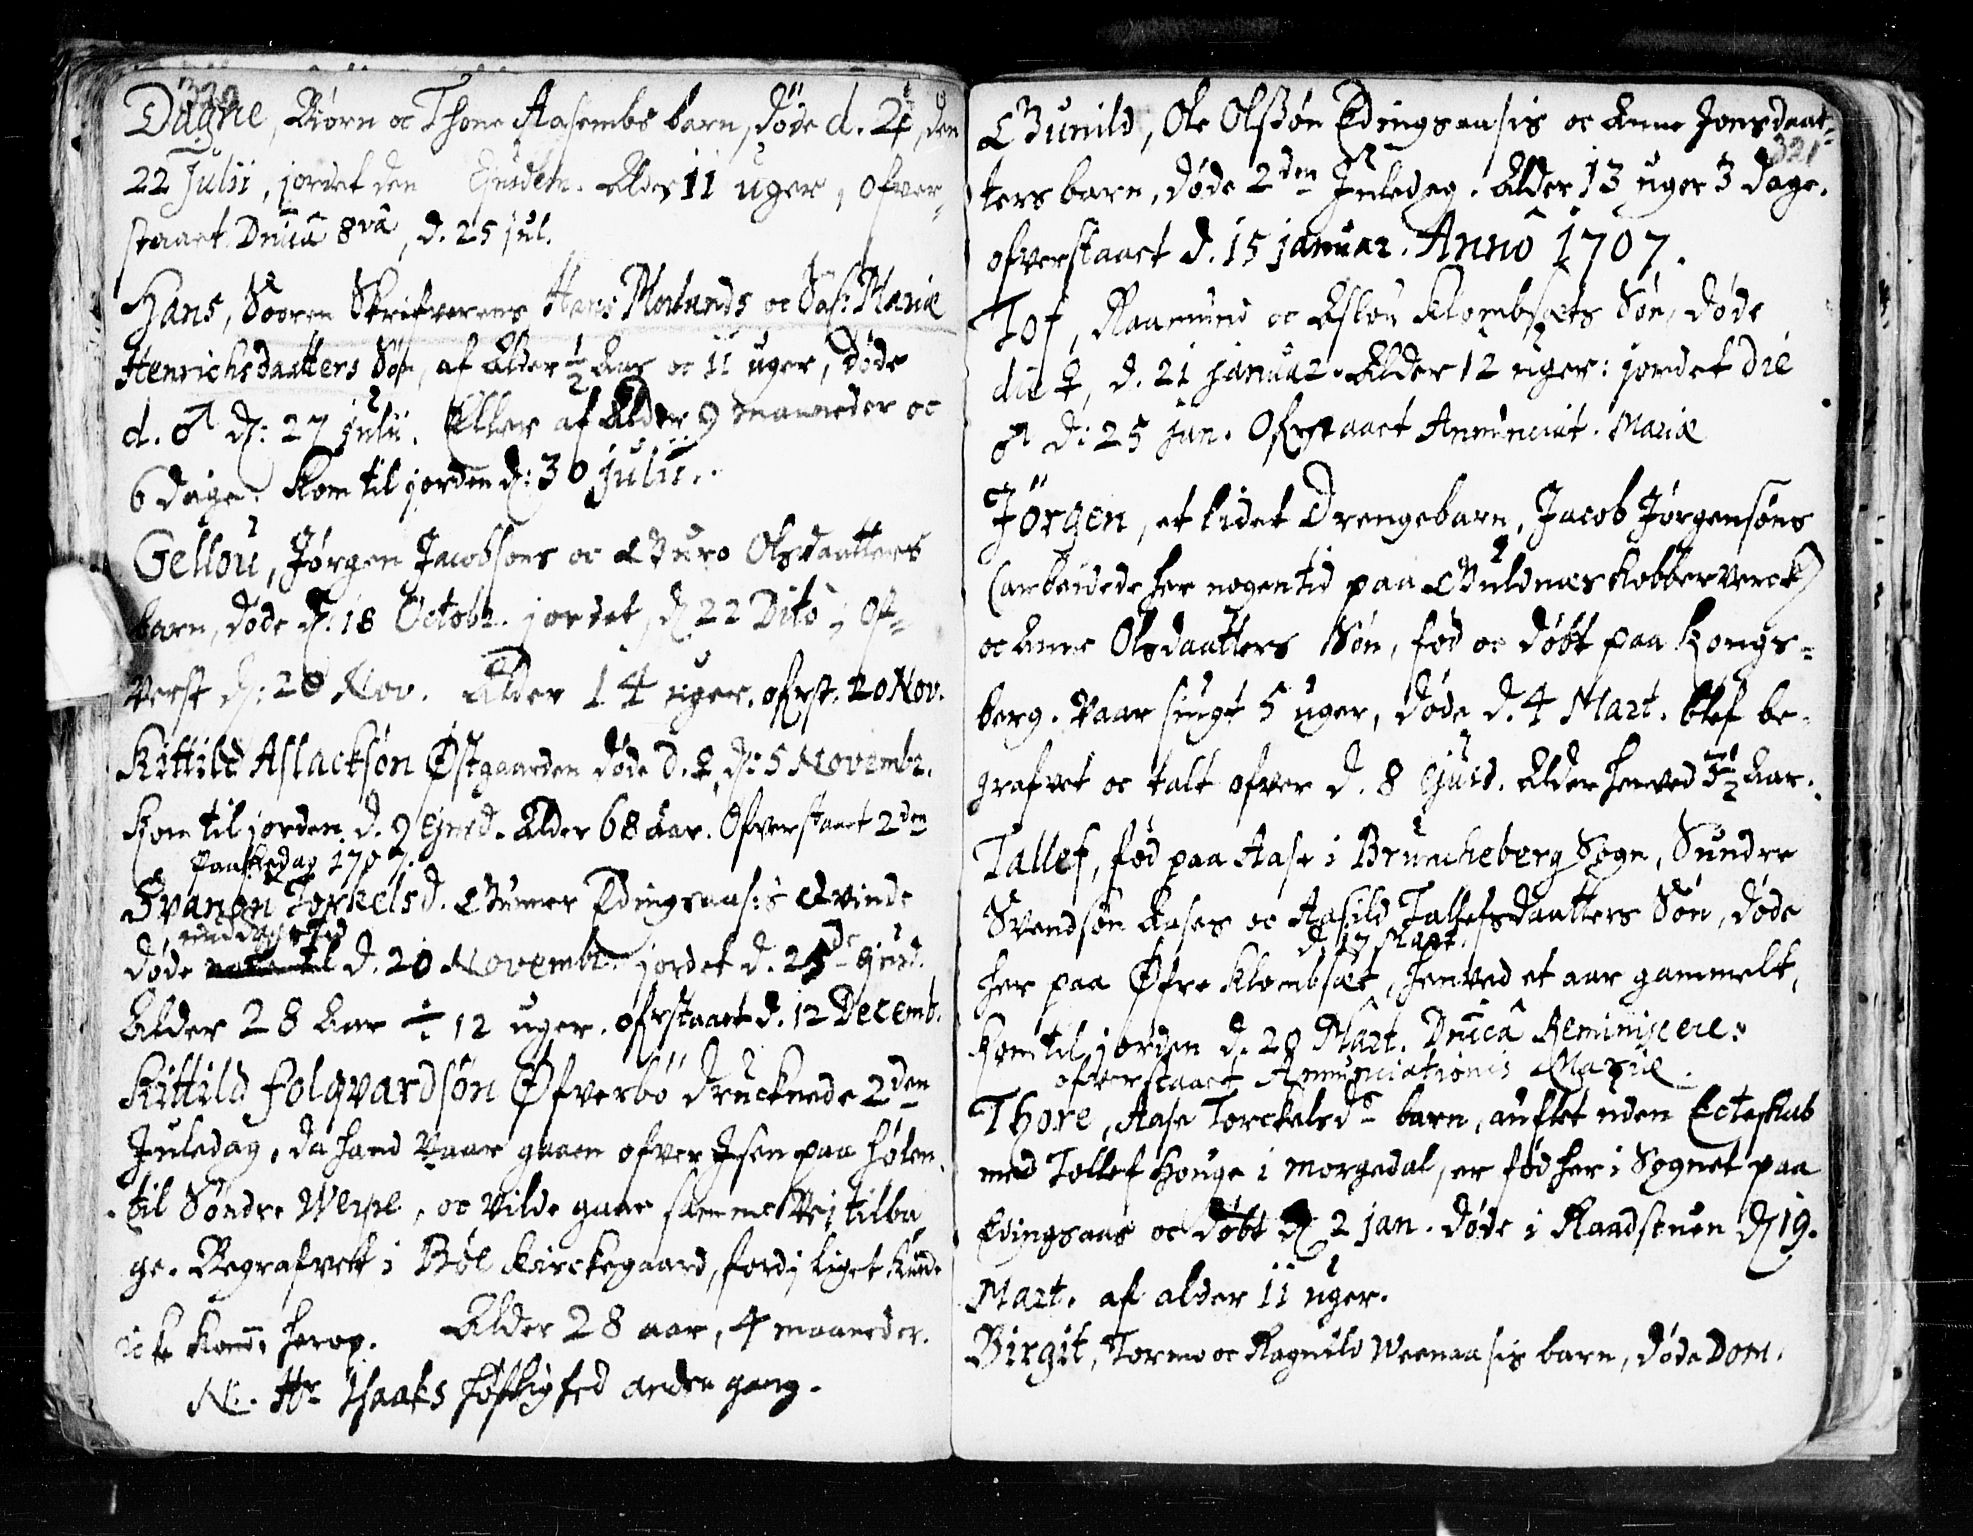 SAKO, Seljord kirkebøker, F/Fa/L0002: Ministerialbok nr. I 2, 1689-1713, s. 320-321